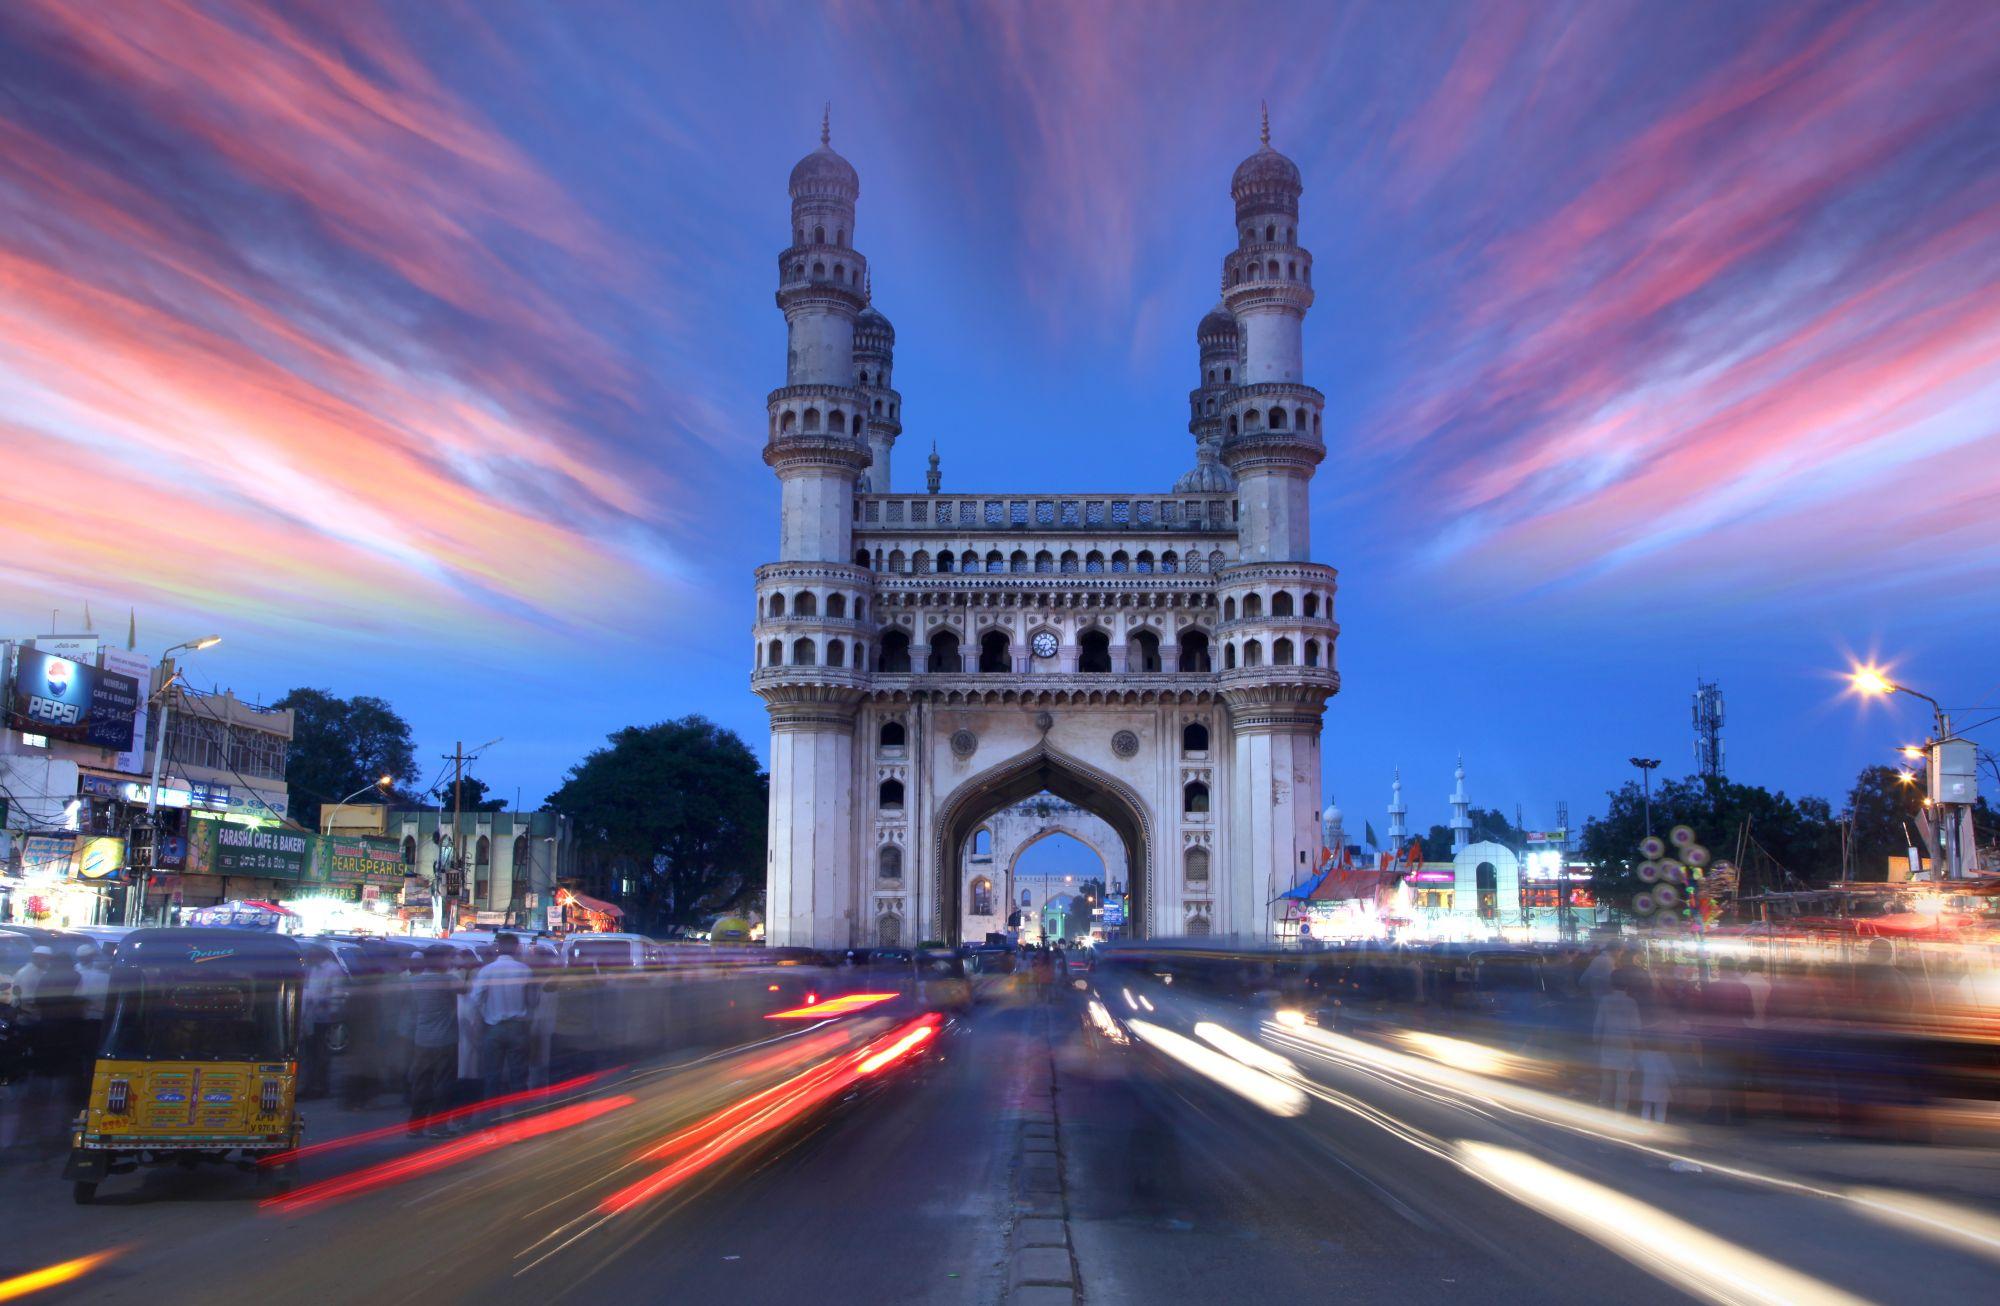 Get Koramalised – Invest In Koramangala, Bangaluru